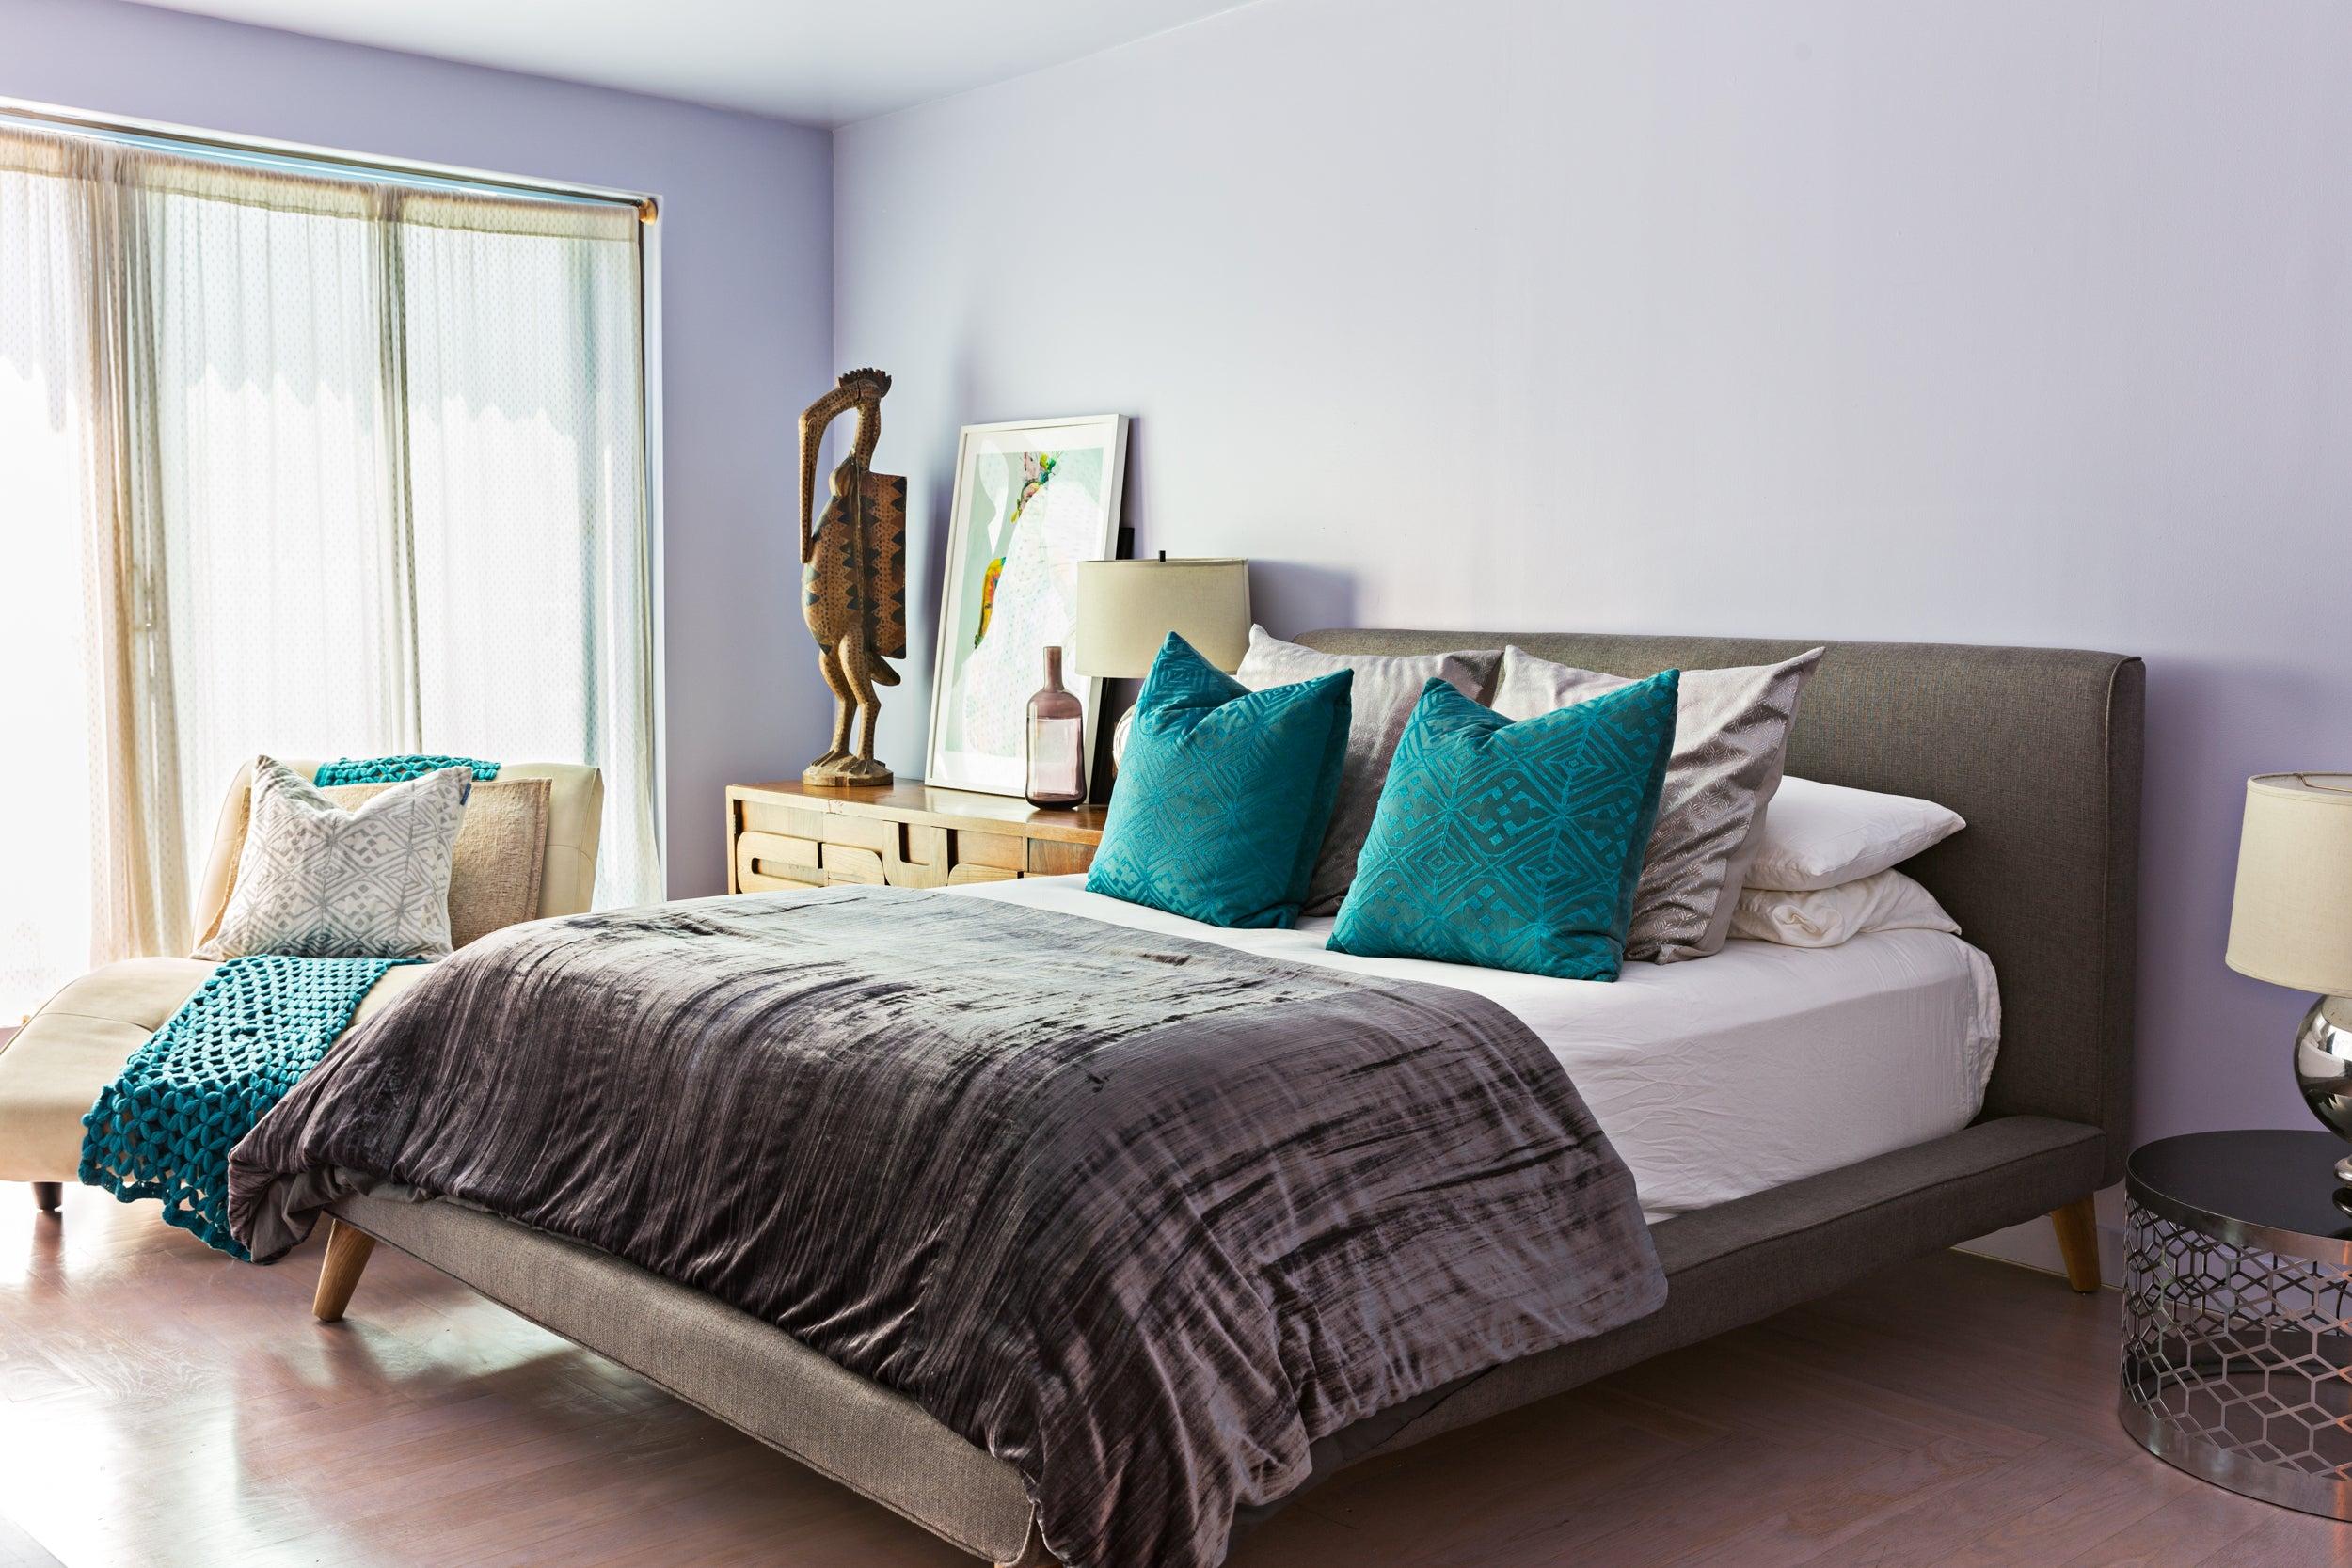 malene b brooklyn home bedroom